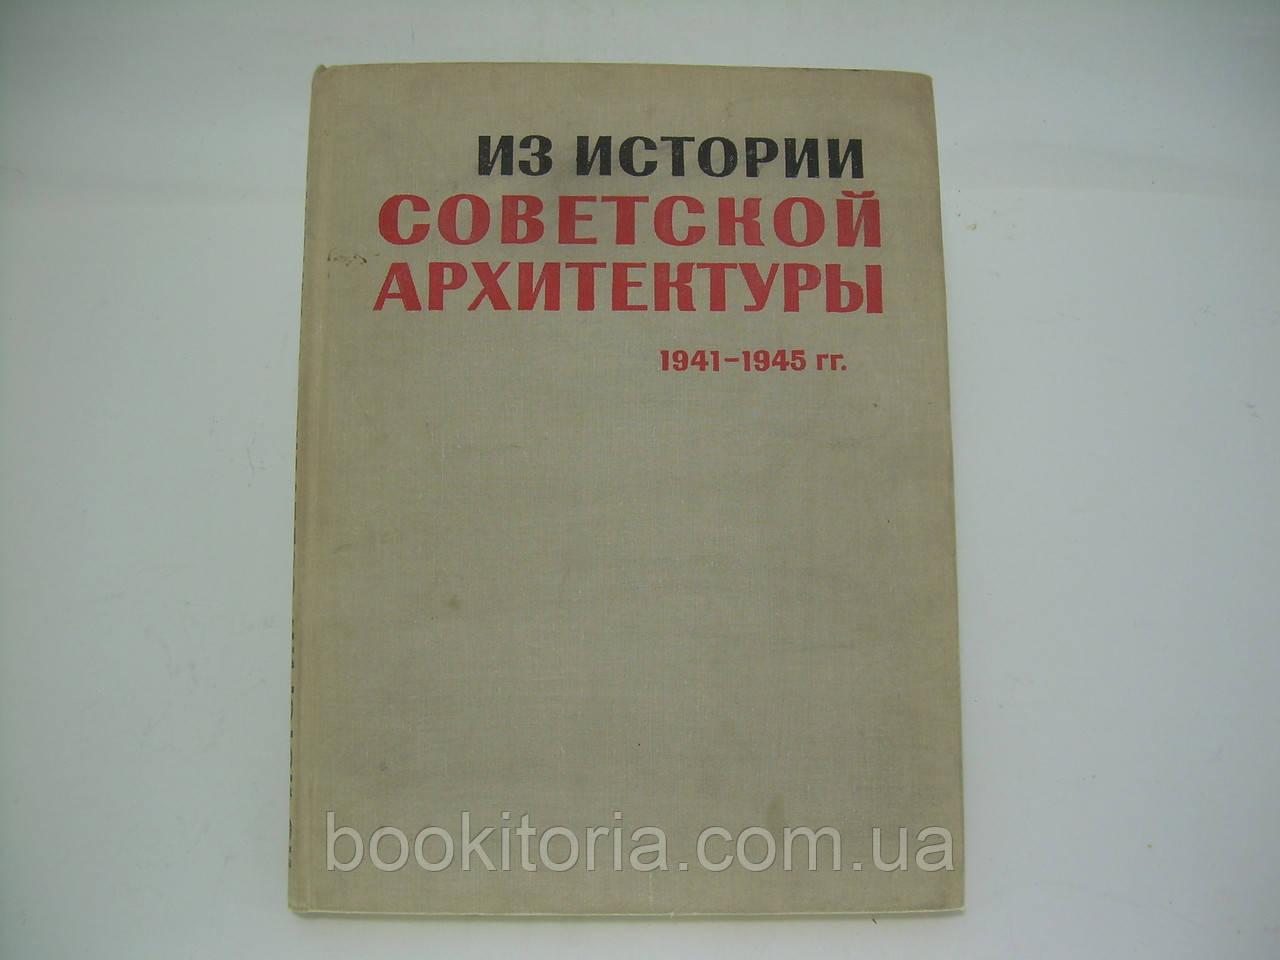 Из истории советской архитектуры. 1941-1945гг. (б/у).